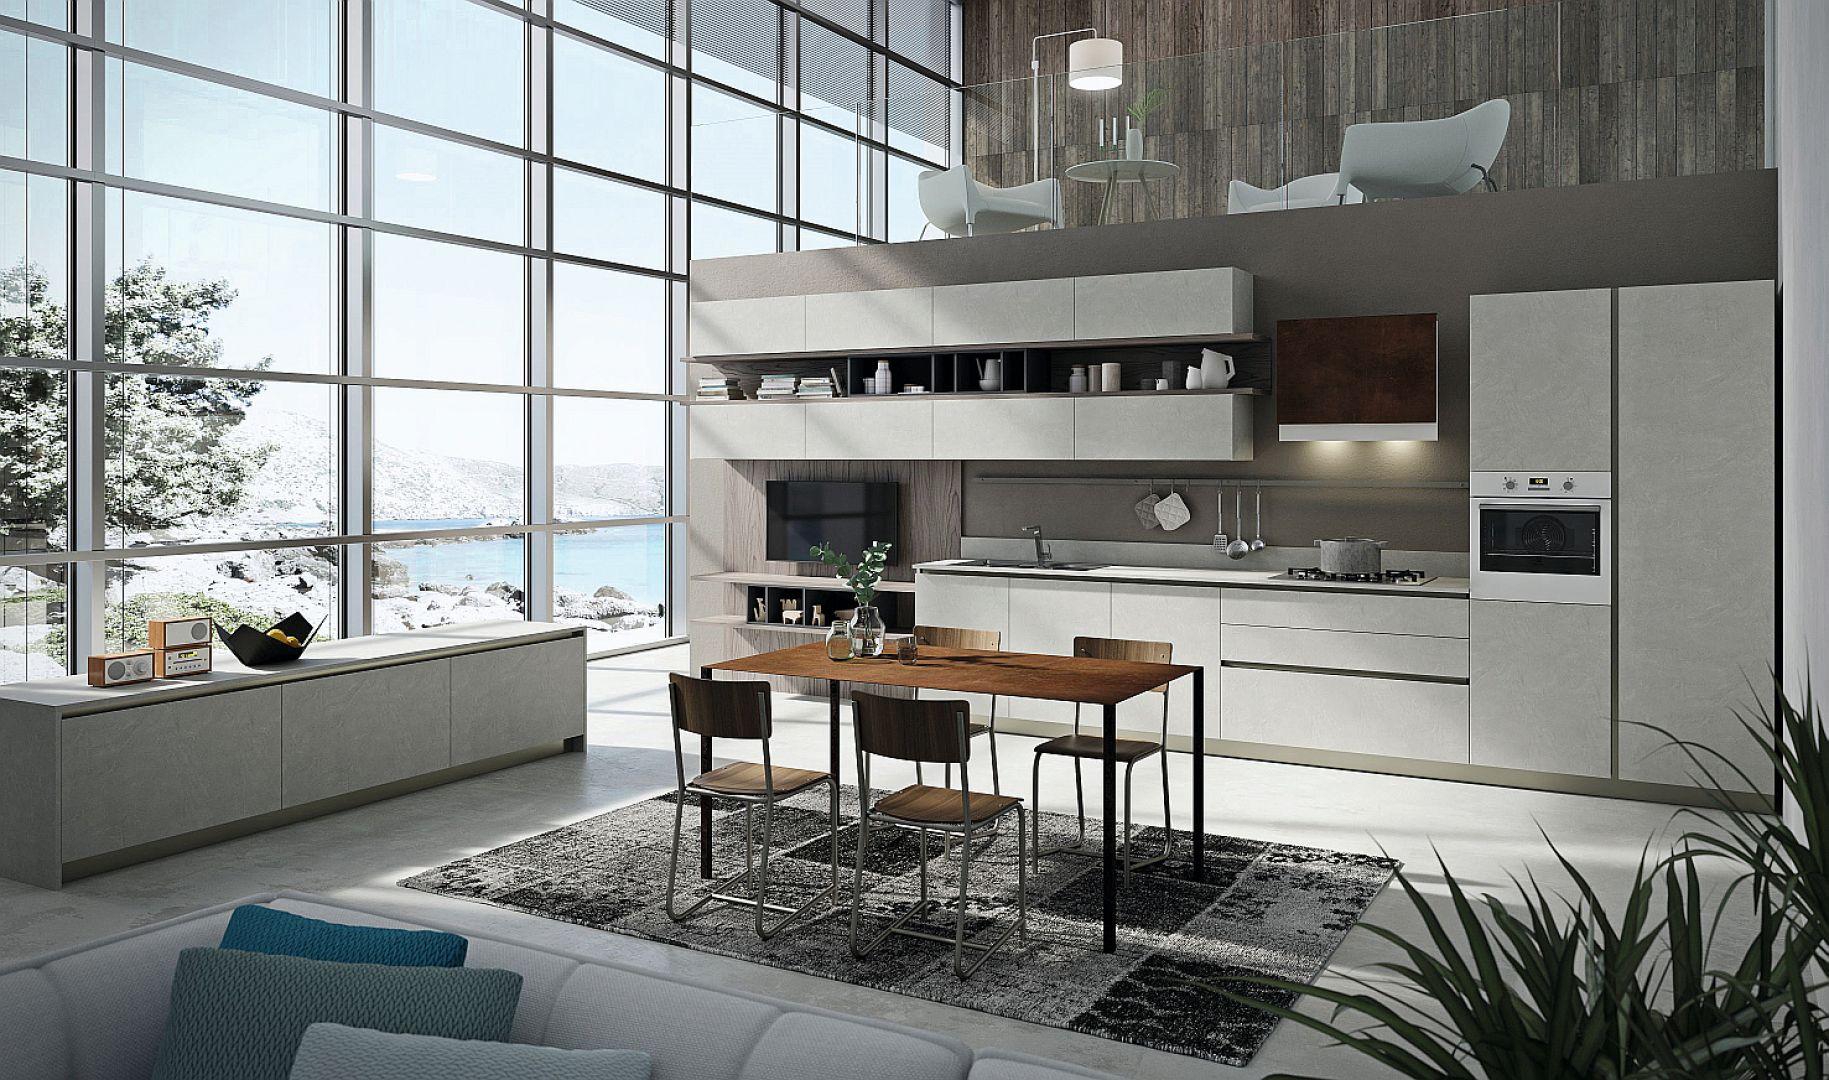 LAB13 - laboratorium kuchenne, które dzięki nowej modułowości mebli umożliwia zwiększenie ich pojemności o 20%, łącząc design z pięknem, jakością i wygodą. Fot. Aran Cucine